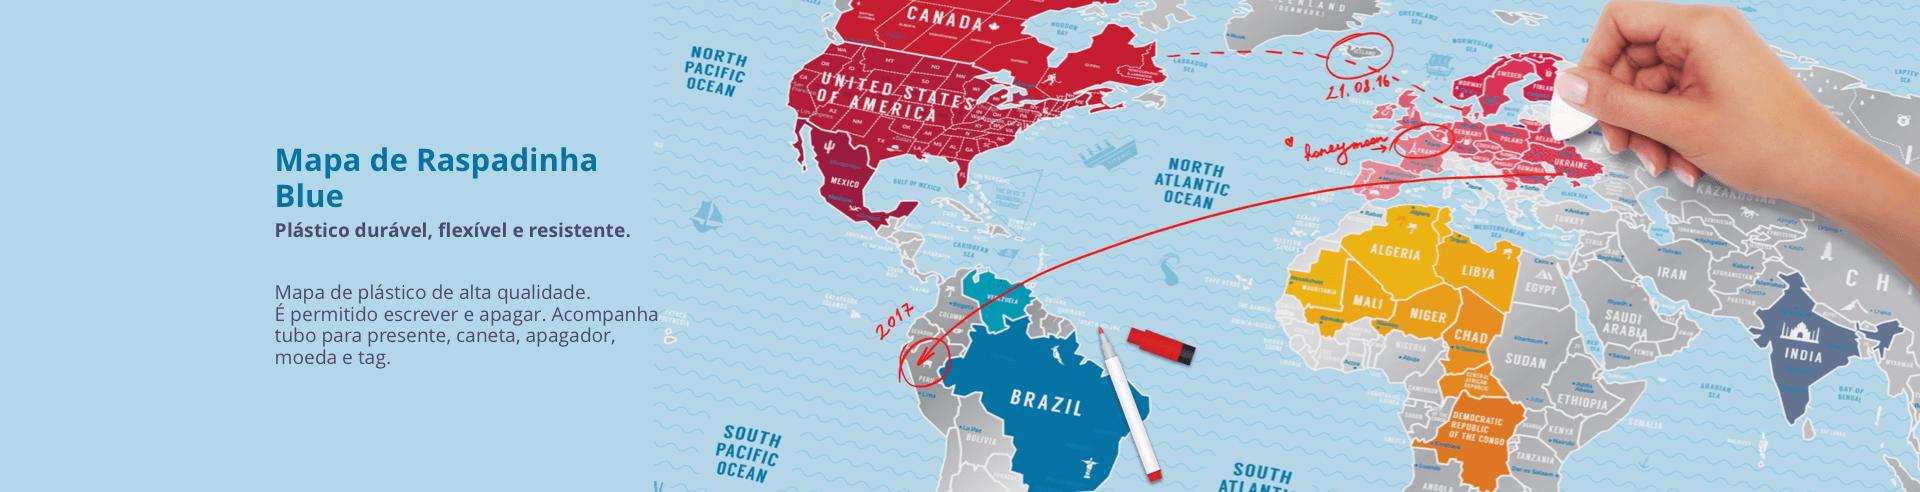 Mapa de Raspadinha Blue